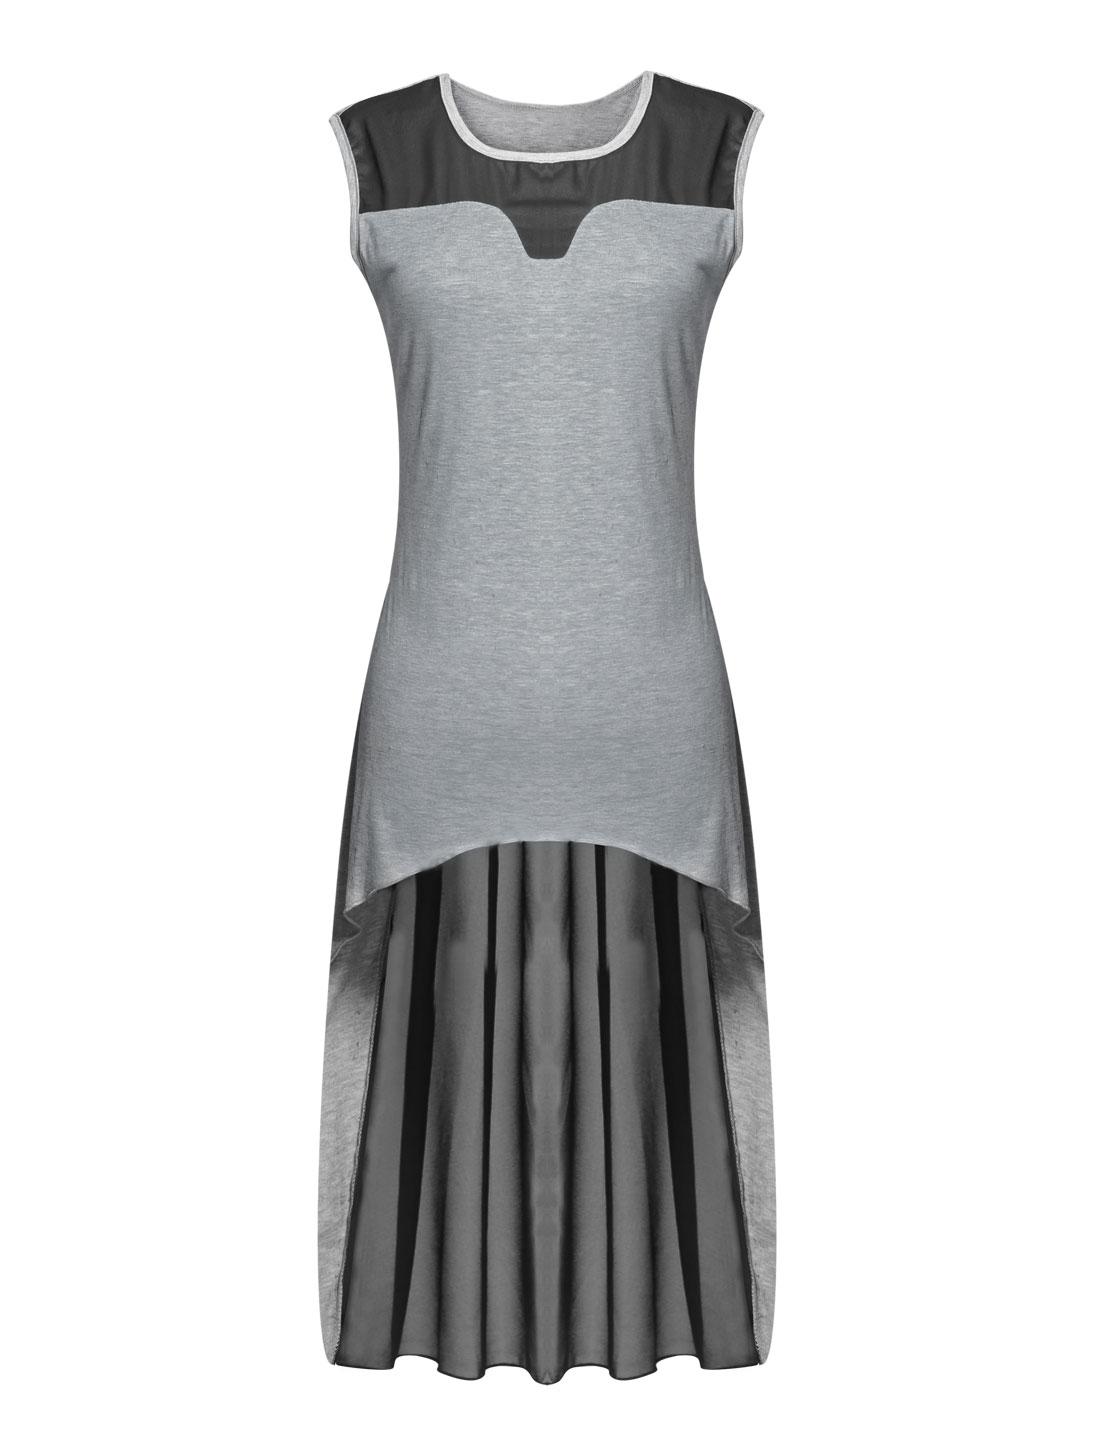 Lady Sleeveless Chiffon Panel High Low Hem Tunic Top Light Gray M